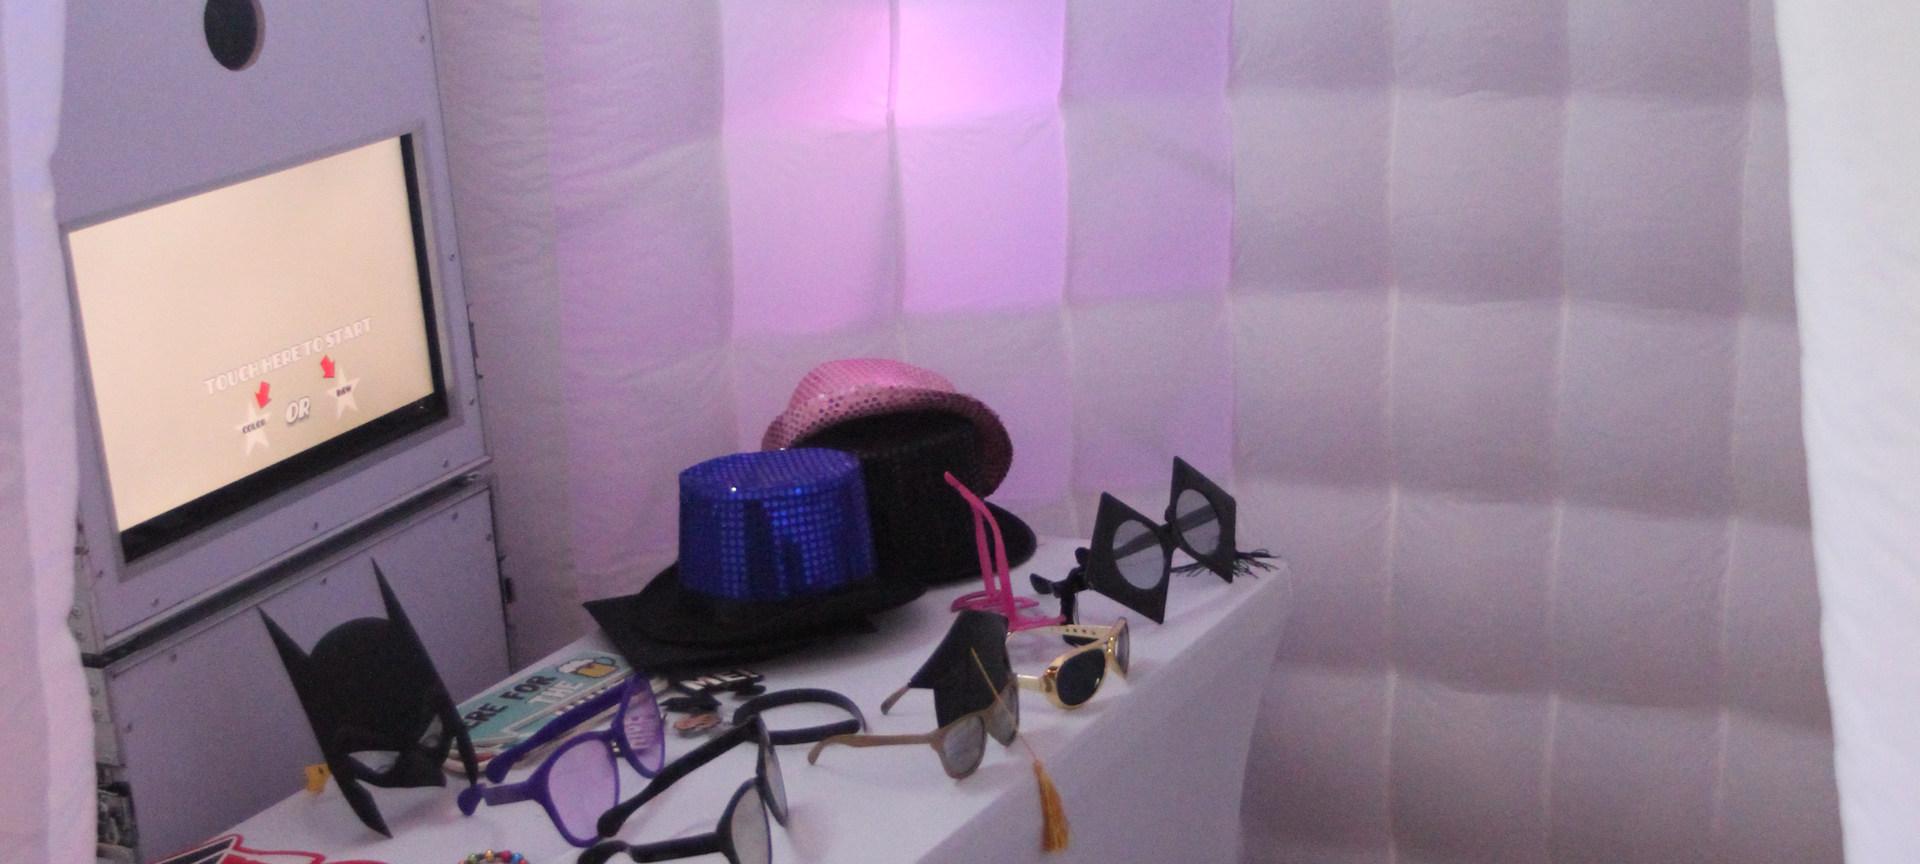 Studio B Venue